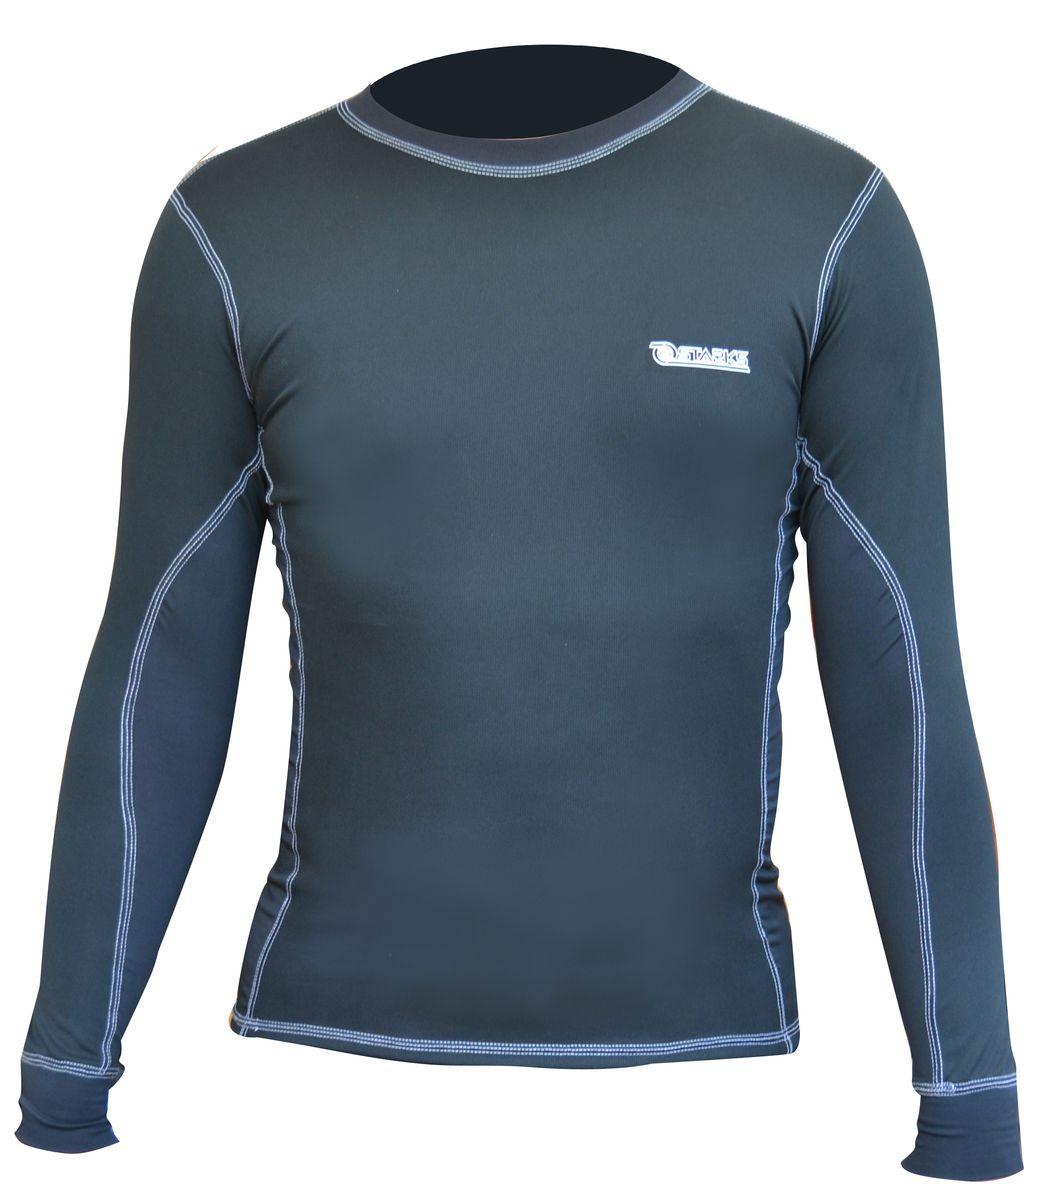 Термобелье кофта Starks Coolmax, летняя, охлаждающая, цвет: серо-синий. ЛЦ0011. Размер MK100Анатомическое комбинированное термобелье Starks, выполнено из сертифицированной ткани CoolMax.Термокофта повторяет анатомию человеческого тела. Обеспечивает хорошую терморегуляцию тела, отводит влагу, оставляя тело сухим. Вставки из ткани CoolMax Extreme для мест, подверженных наибольшей потливости (подмышки, локтевой сгиб руки). Технология плоских швов. Белье предназначено для активных физических нагрузок.Особенности:-Сохраняет ваше тело сухим.-Эластичные, мягкие плоские швы. -Отличные влагоотводящие свойства.-Гипоаллергенно.